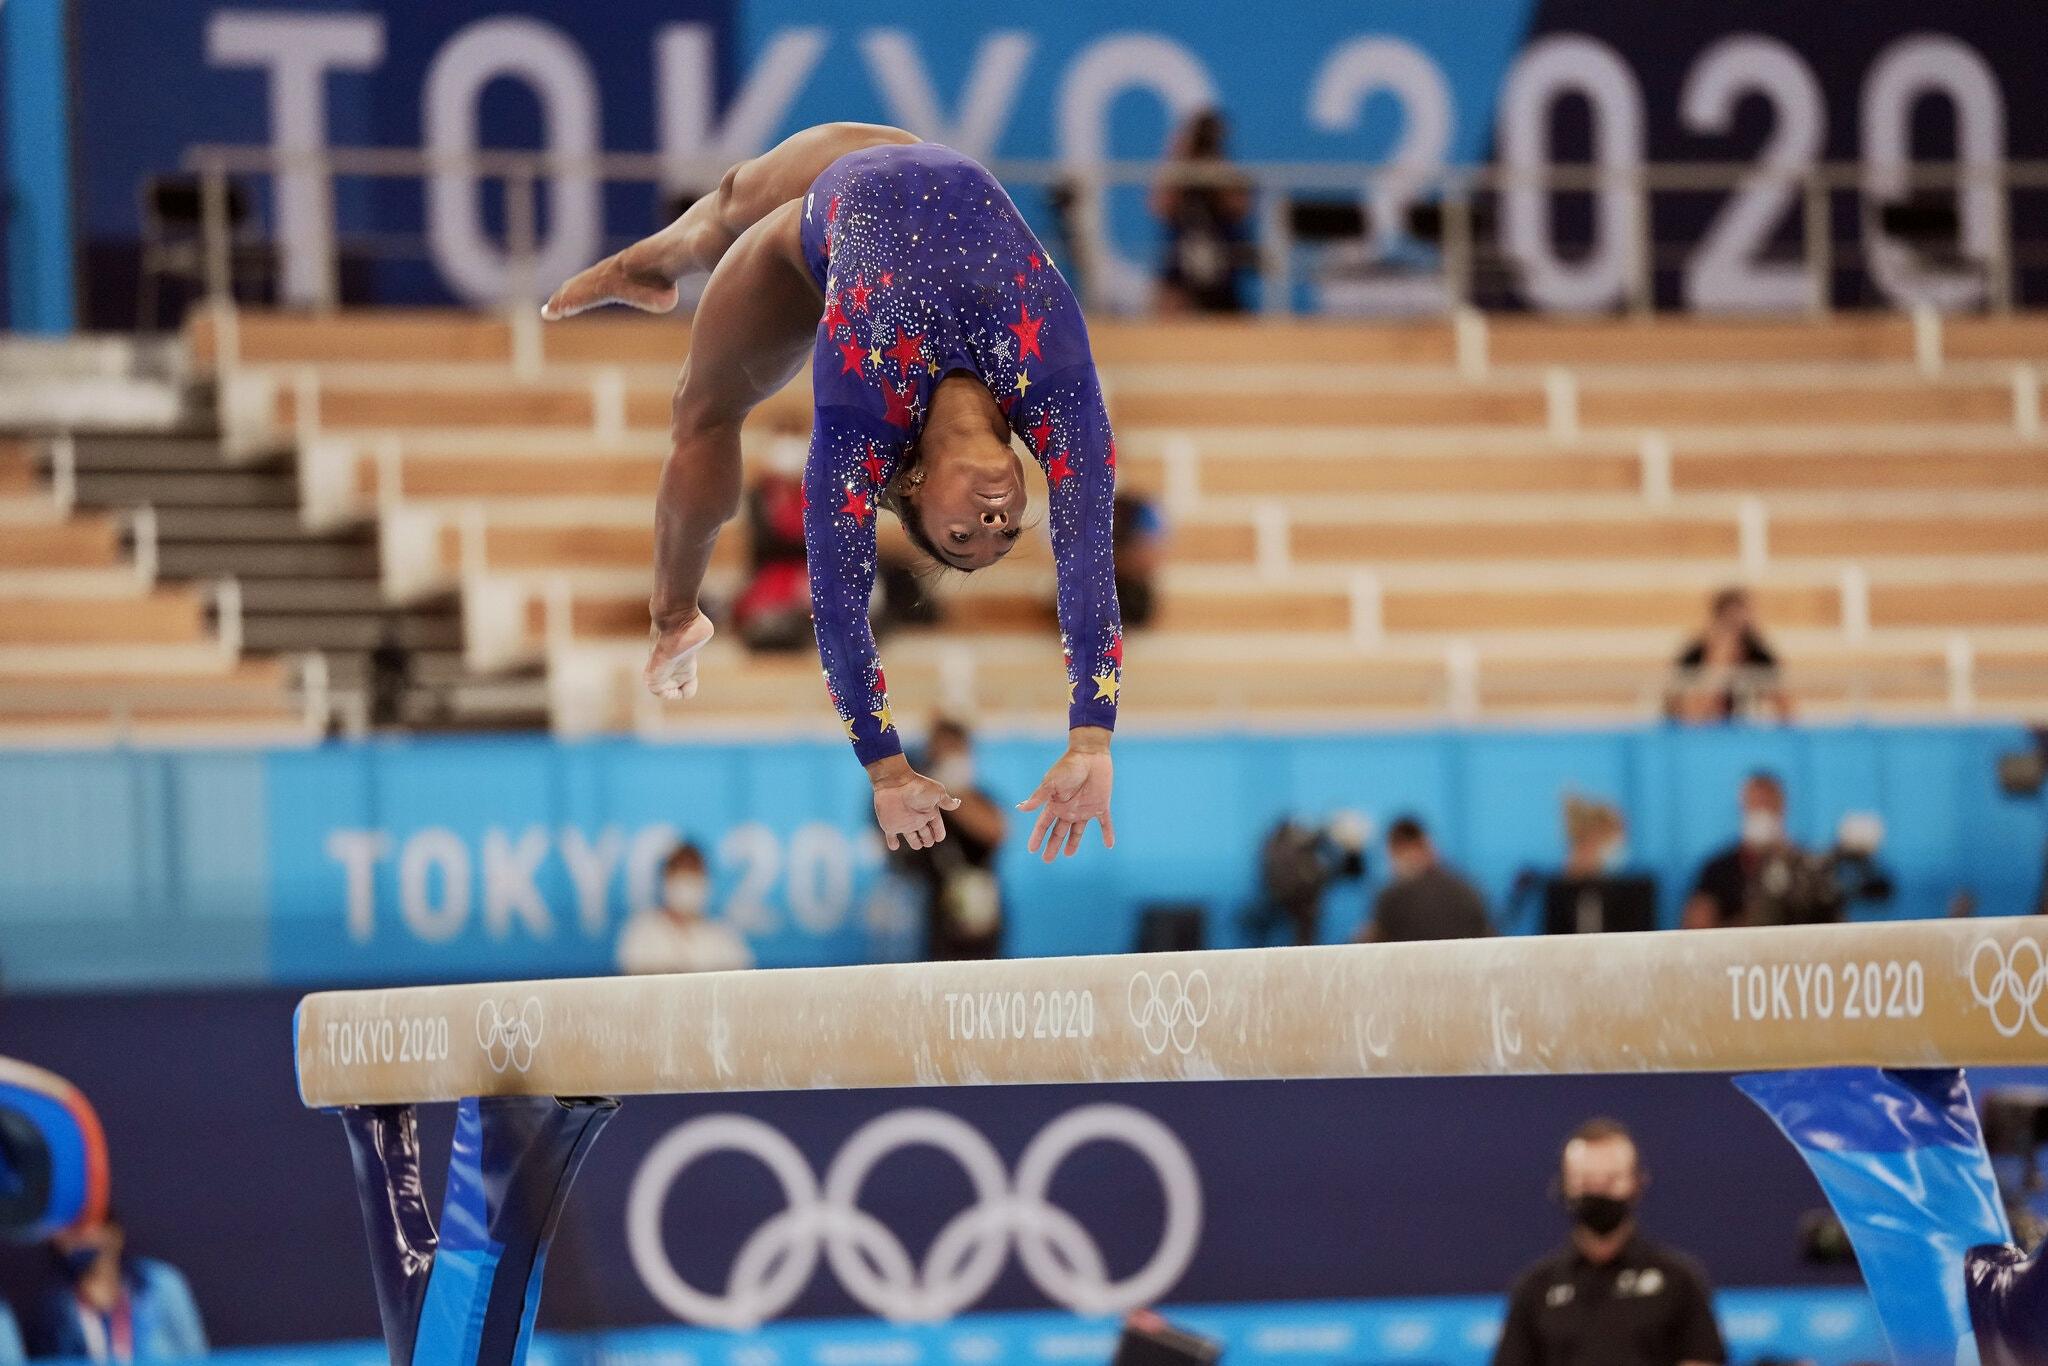 Cầu thăng bằng sẽ là nội dung thứ hai, và là cuối cùng Biles thi đấu tại Olympic Tokyo 2020. Ảnh: NYT